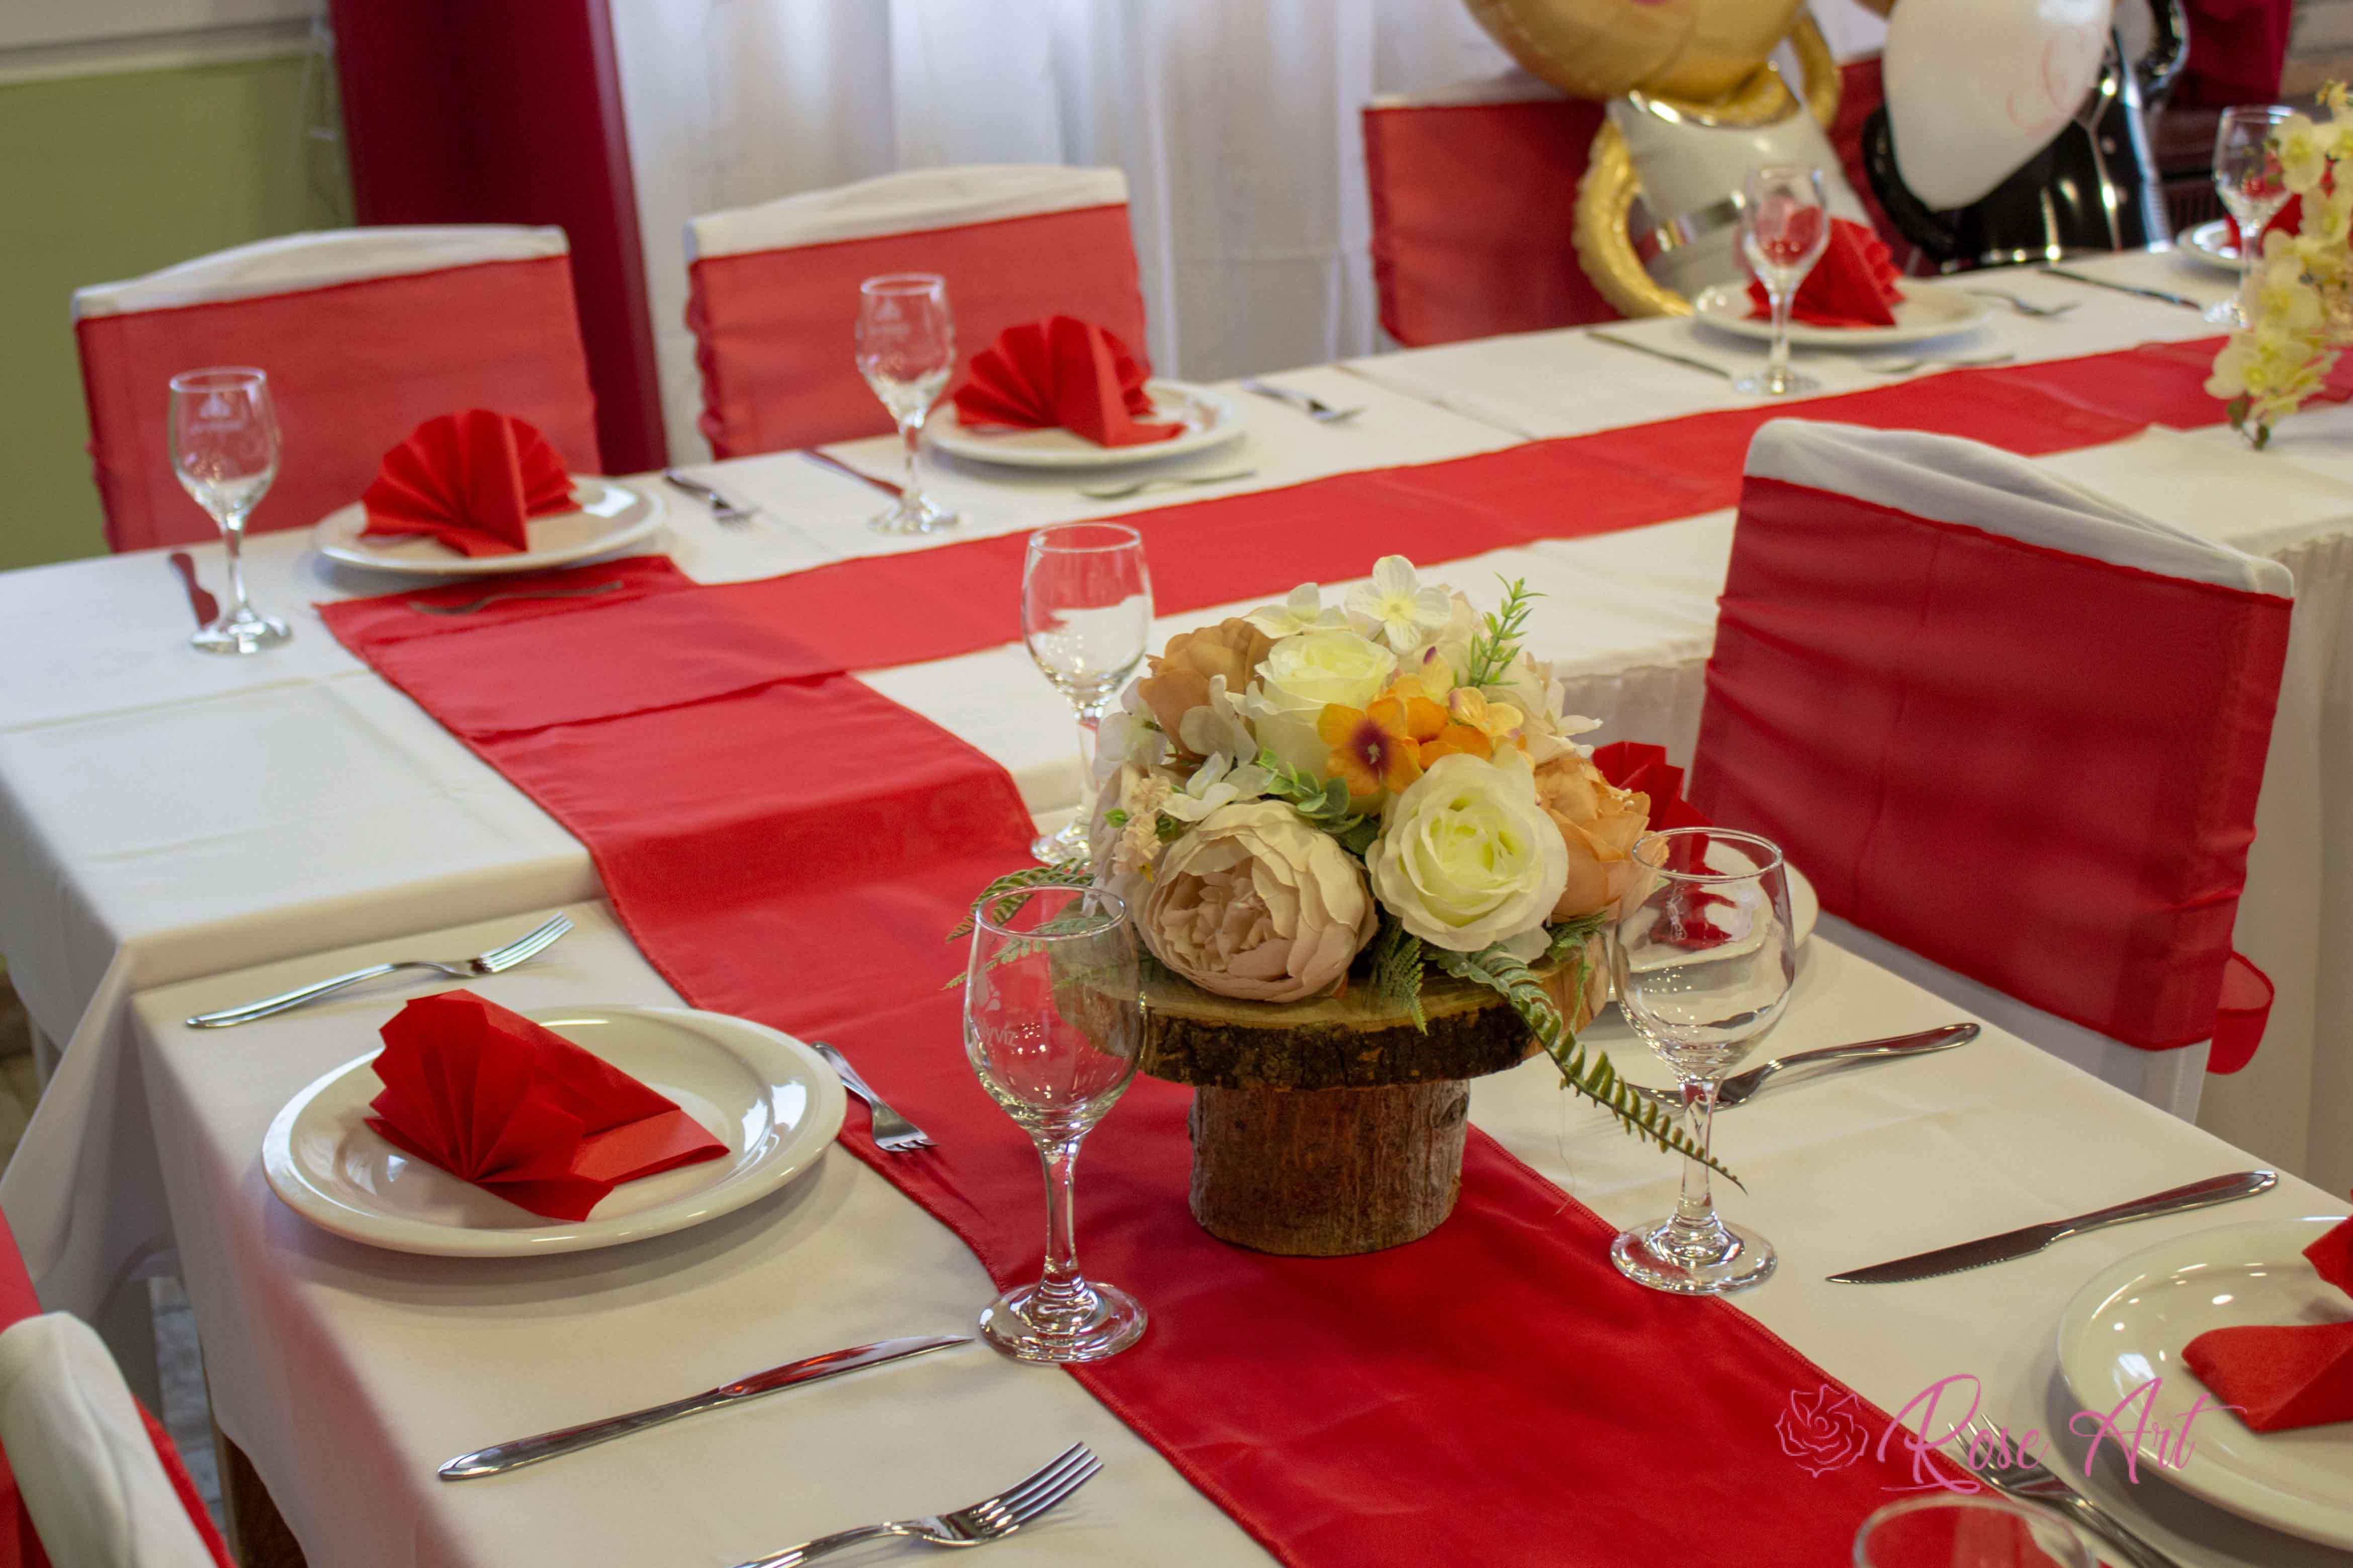 RoseArt Esküvő Klasszikus Piros Masni Székszoknya